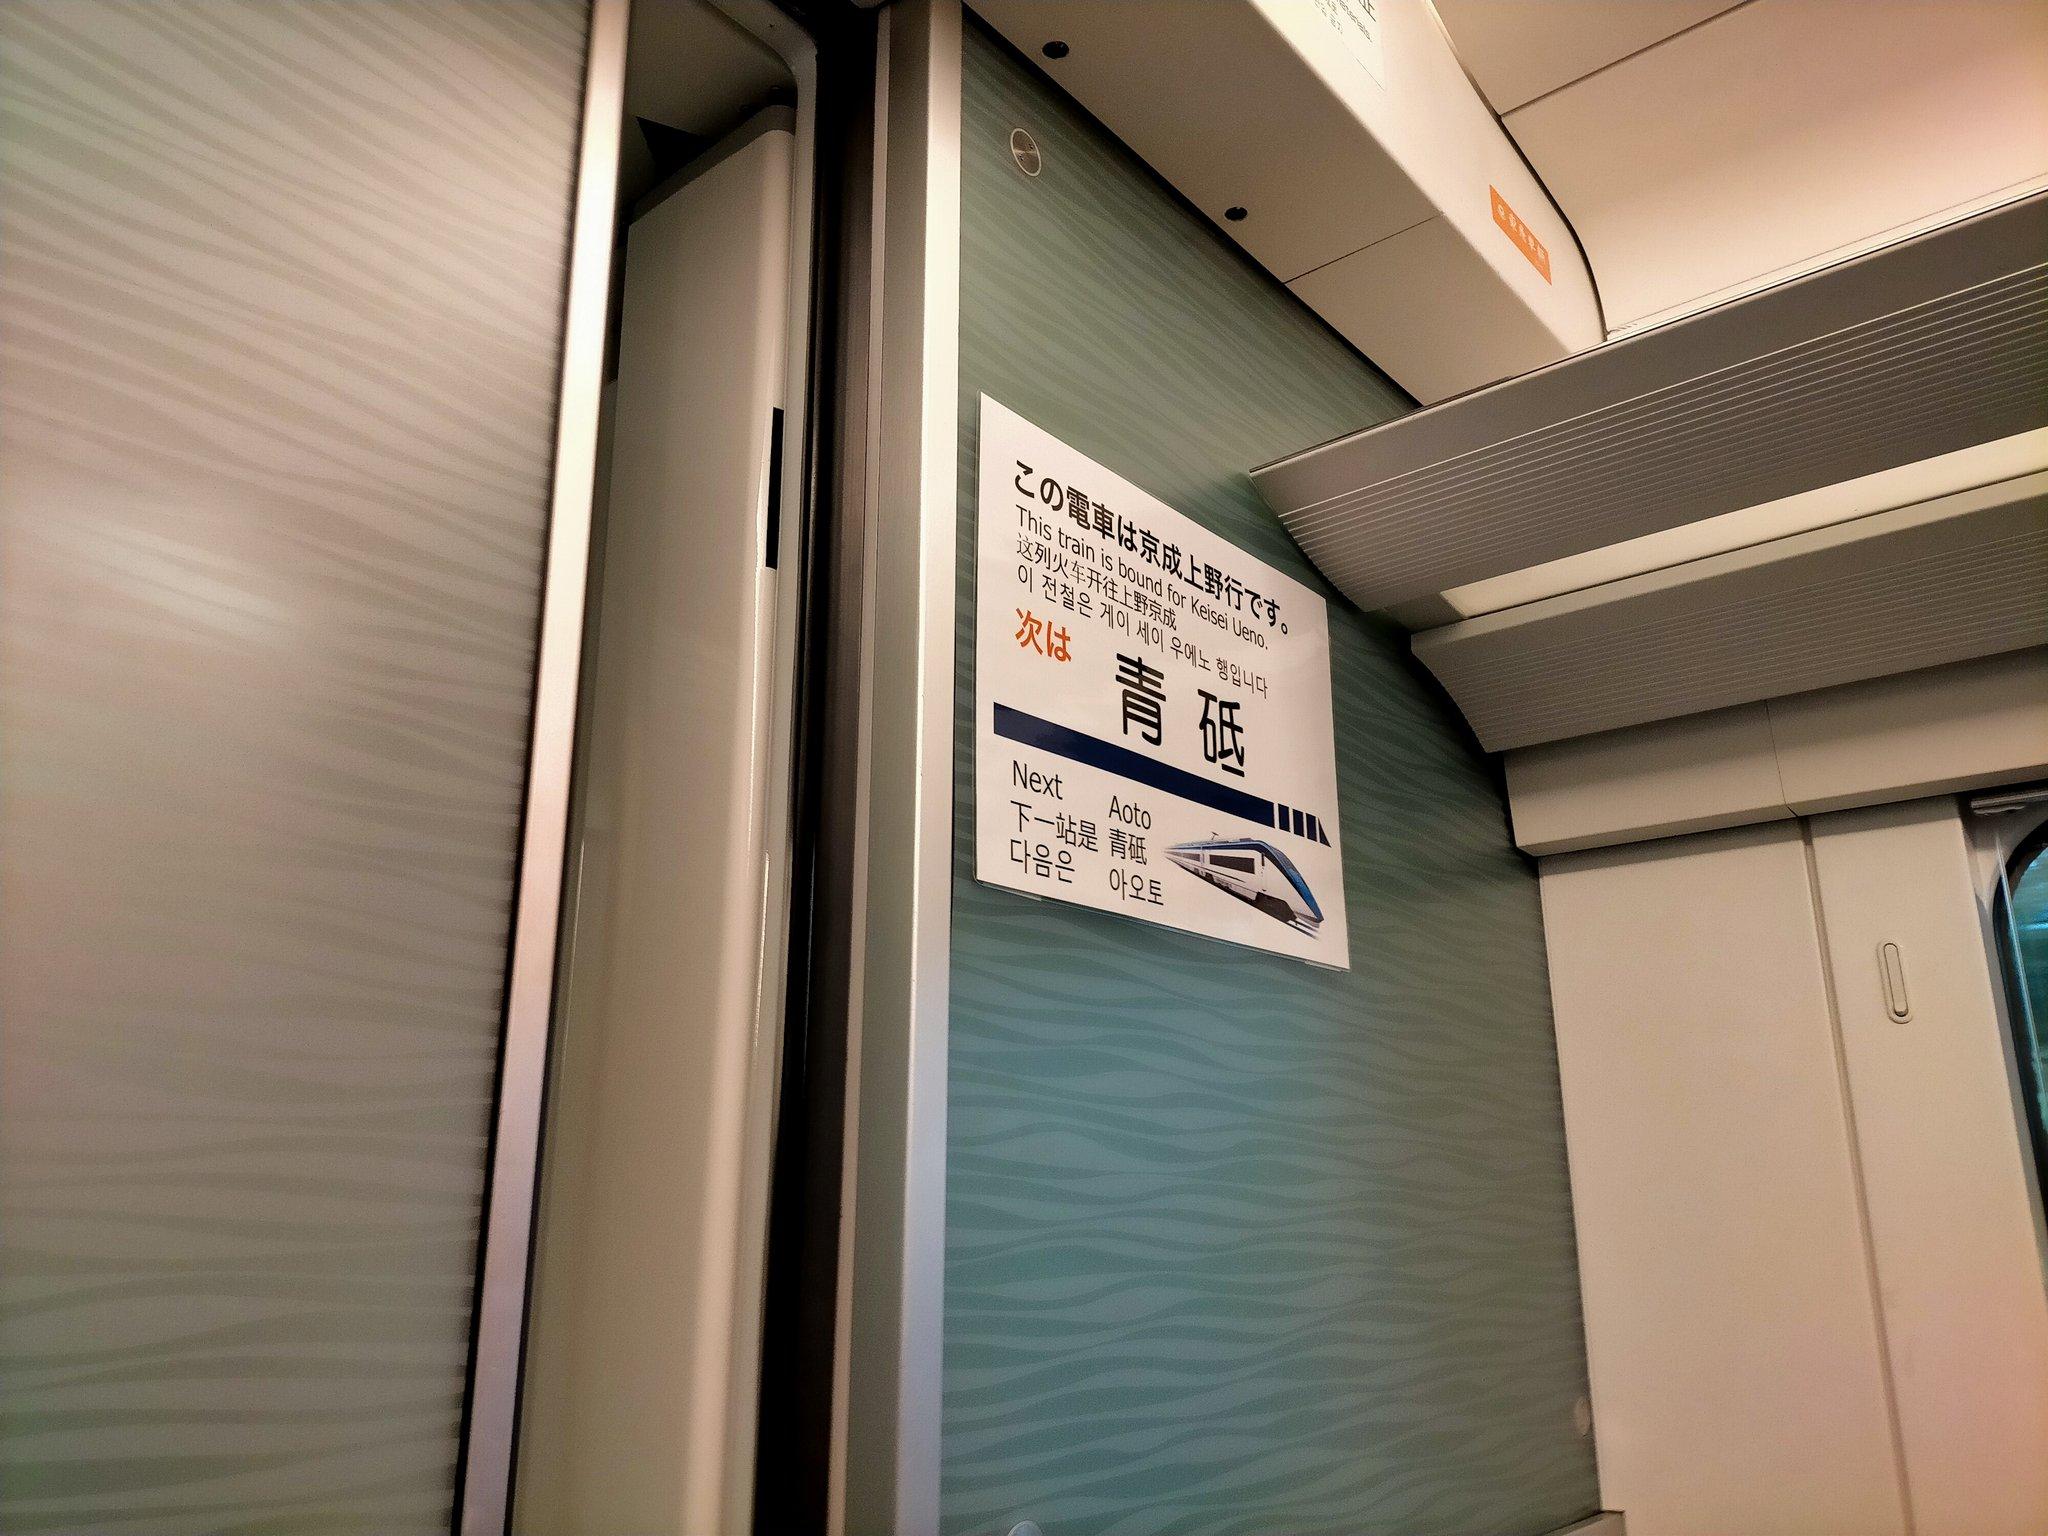 【驚愕】回送スジを利用したAF形の臨時ライナーが運行開始 車内LCDは非対応で代わりに紙芝居で案内